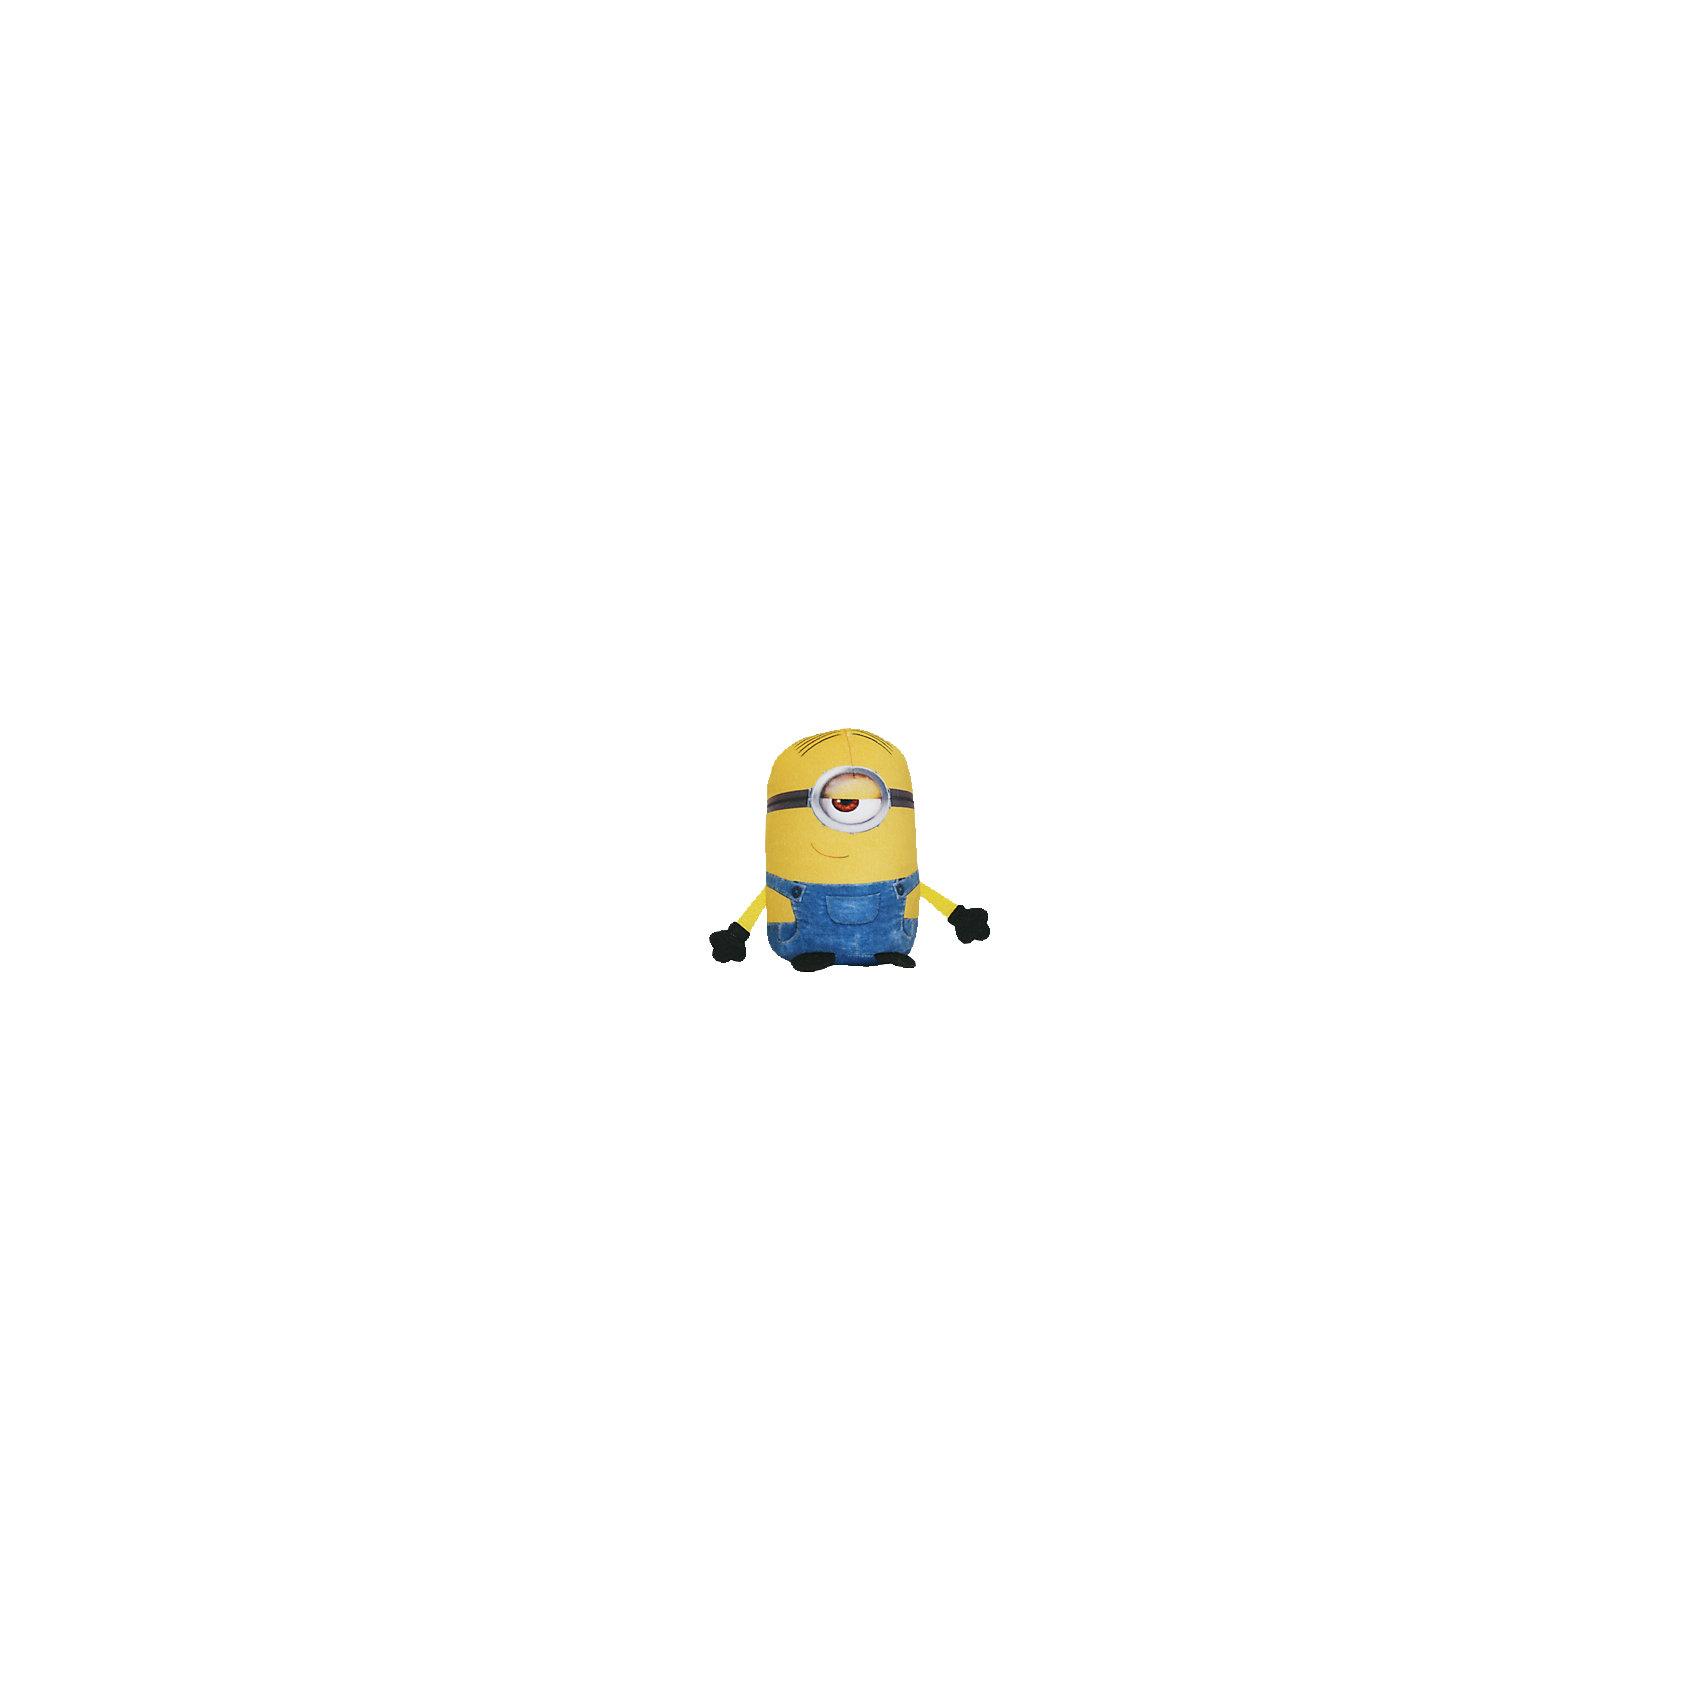 Игрушка-антистресс Стюарт 15 см, МиньоныМиньоны<br>Игрушка-антистресс Стюарт, Миньоны, порадует и поднимет настроение как детям так и взрослым. Яркая подушка выполнена в виде забавного существа миньона Стюарта, персонажа популярного мультфильма Гадкий Я (Despicable Me). Основное достоинство подушки - это<br>осязательный массаж с эффектом релаксации. Внешняя поверхность подушки очень мягкая и приятная на ощупь, а внутри находятся мельчайшие гранулы полистирола, благодаря которым она всегда будет легкой и упругой. Подушку можно мять и сжимать, но она неизменно возвращает себе первоначальную форму. Можно стирать в стиральной машинке в специальном мешке для одежды.  <br><br>Дополнительная информация:<br><br>- Материал: внешний материал - искусственный мех, наполнитель - полистирол.<br>- Высота: 15 см.<br>- Размер упаковки: 11 х 18 х 15 см.<br>- Вес: 50 гр.<br> <br>Игрушку-антистресс Стюарт 15 см., Миньоны, СмолТойс, можно купить в нашем интернет-магазине.<br><br>Ширина мм: 110<br>Глубина мм: 180<br>Высота мм: 150<br>Вес г: 50<br>Возраст от месяцев: 36<br>Возраст до месяцев: 2147483647<br>Пол: Унисекс<br>Возраст: Детский<br>SKU: 4182434